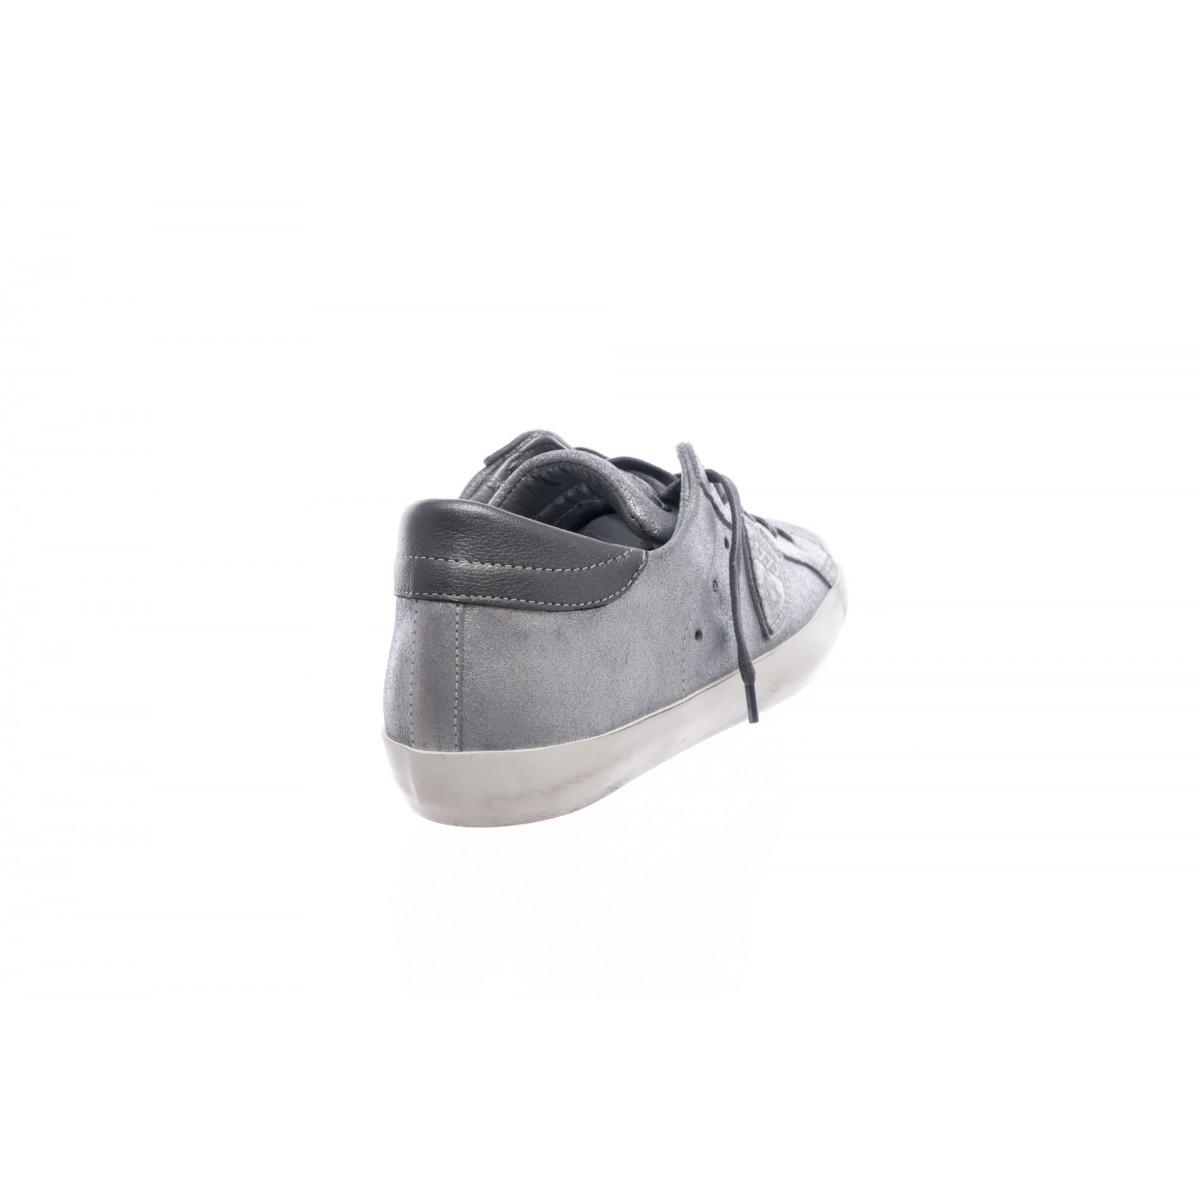 Scarpa - Clld argento spruzzata